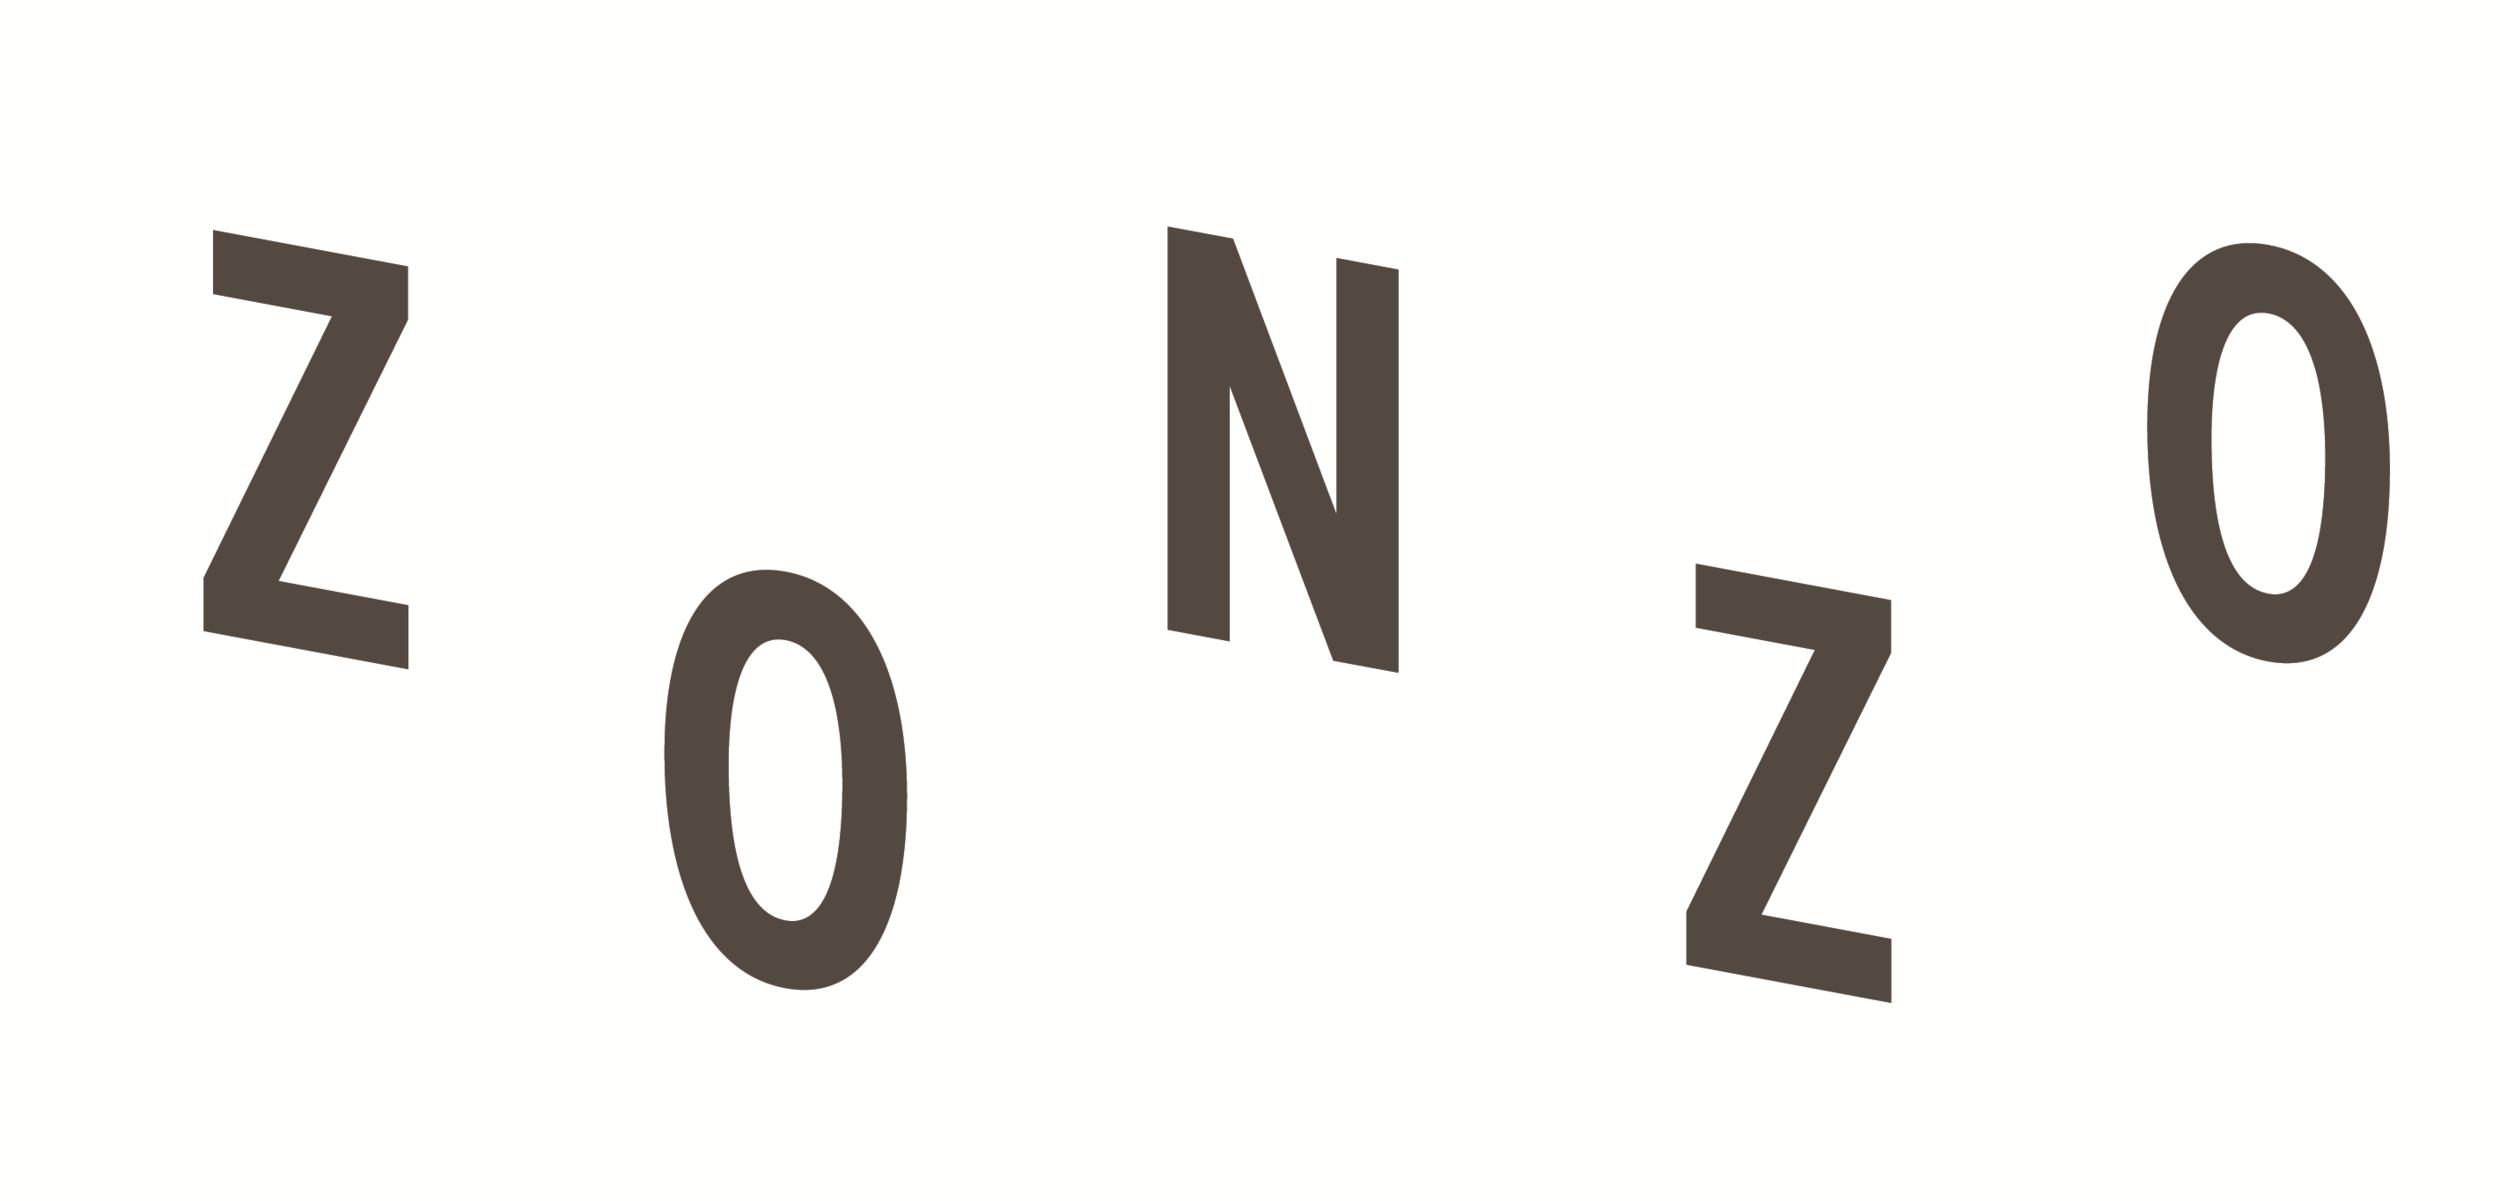 Zonzo-Estate-logo-12471-L231350-1609231128.png